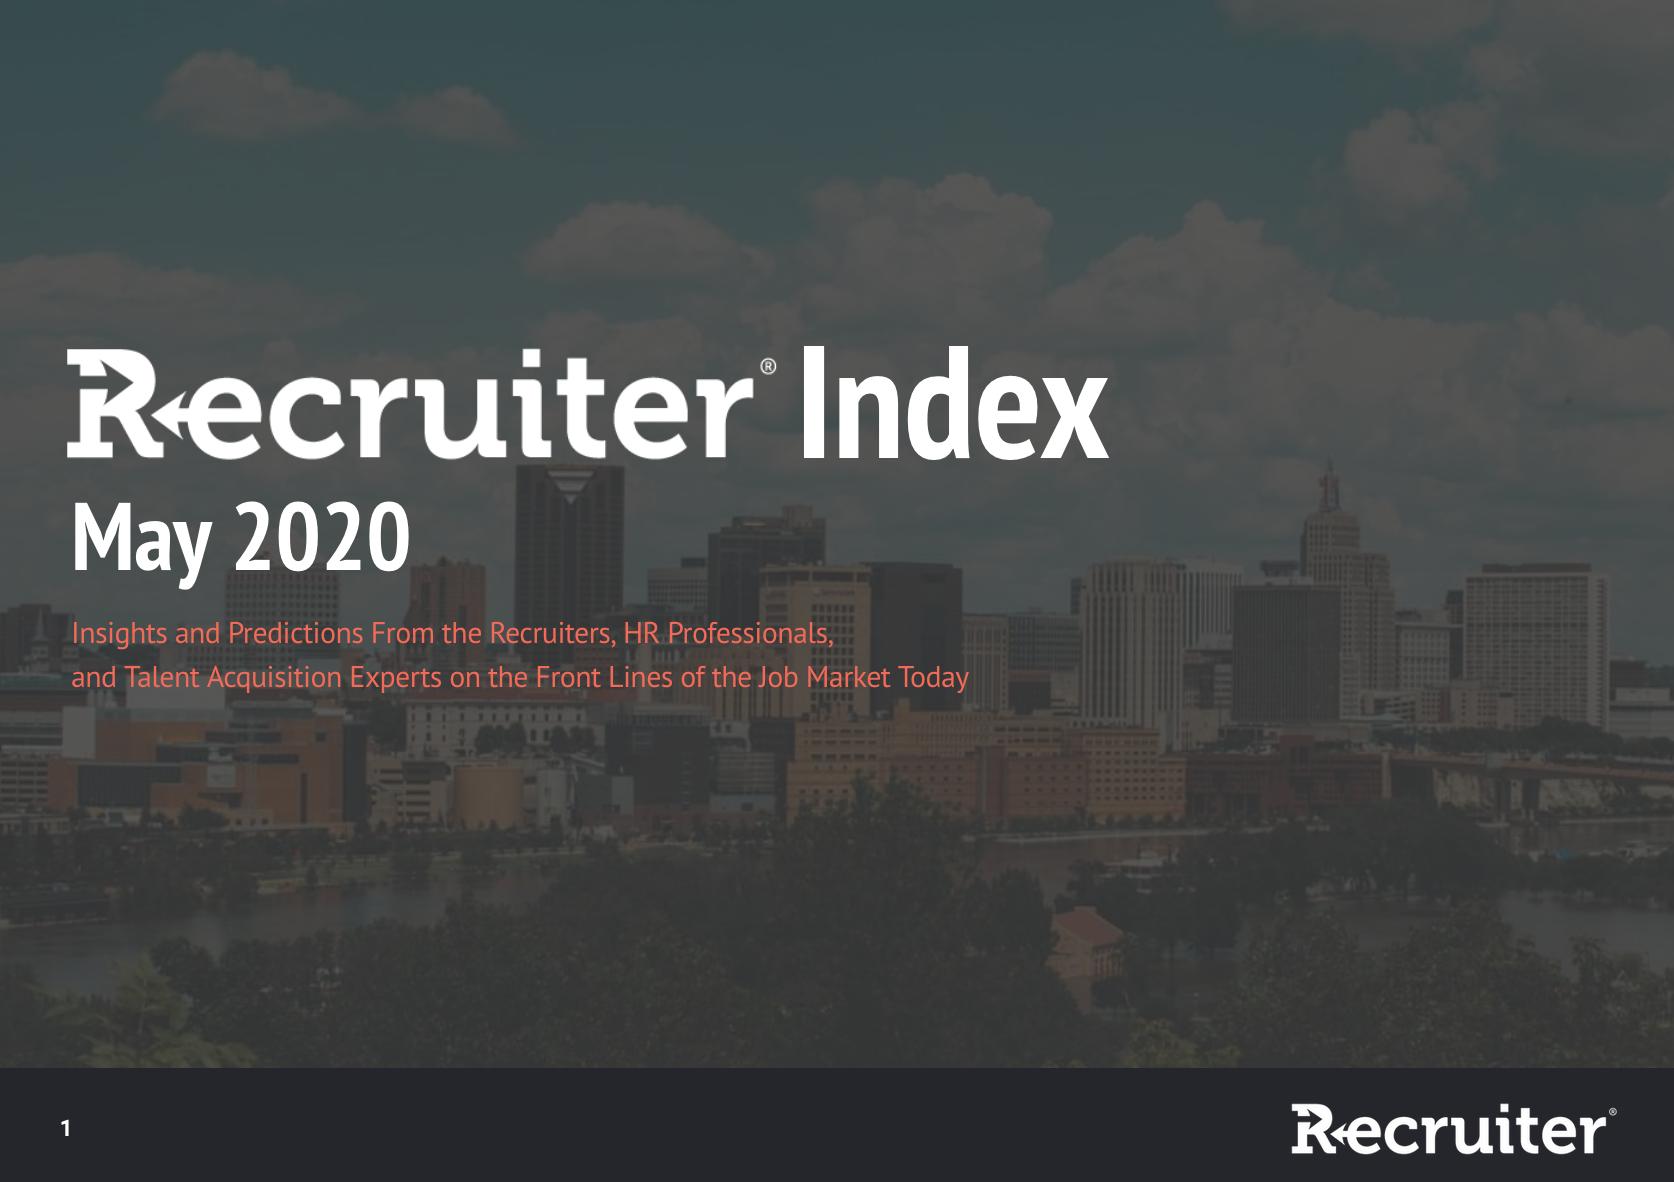 Recruiter Index